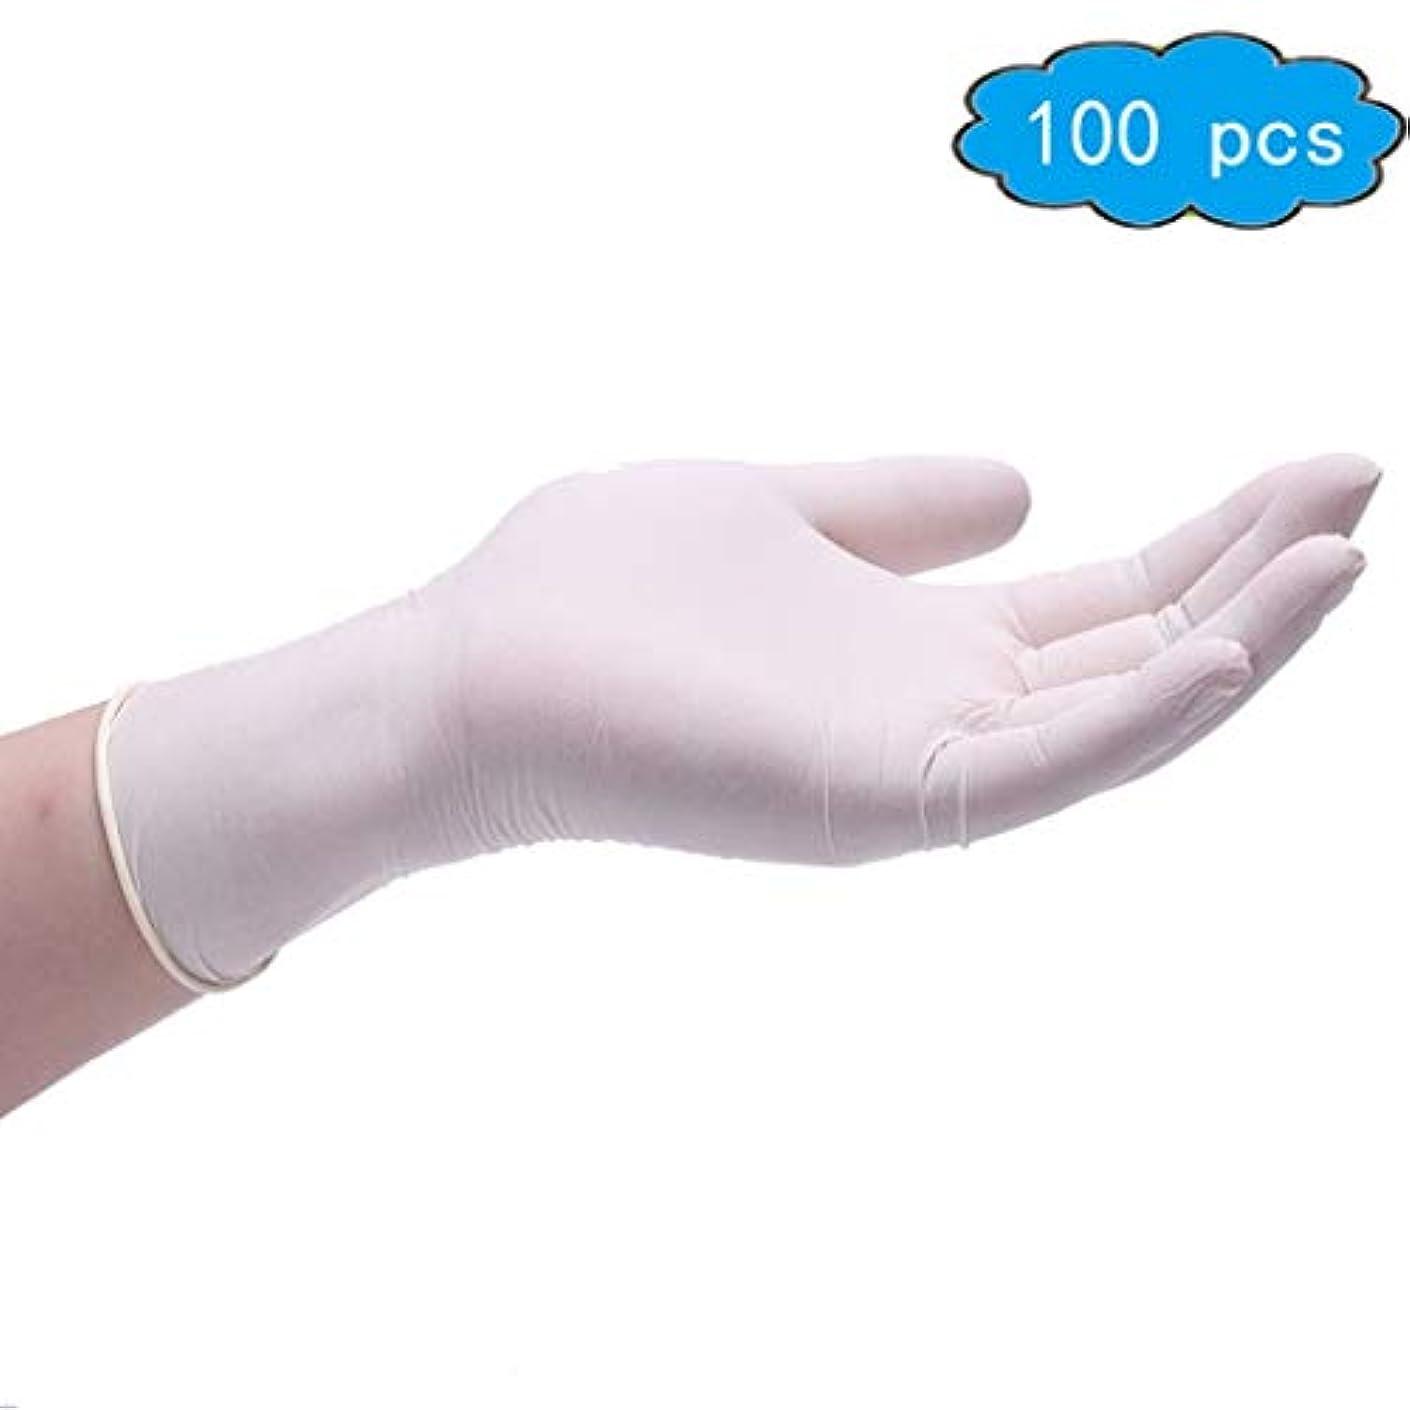 パキスタン人みぞれ起訴する使い捨てラテックスゴム手袋、100カウント、大–パウダーフリー、両手利き、超快適、超強力、耐久性と伸縮性、医療、食品および多用途–肥厚、生理用手袋 (Color : White, Size : XL)